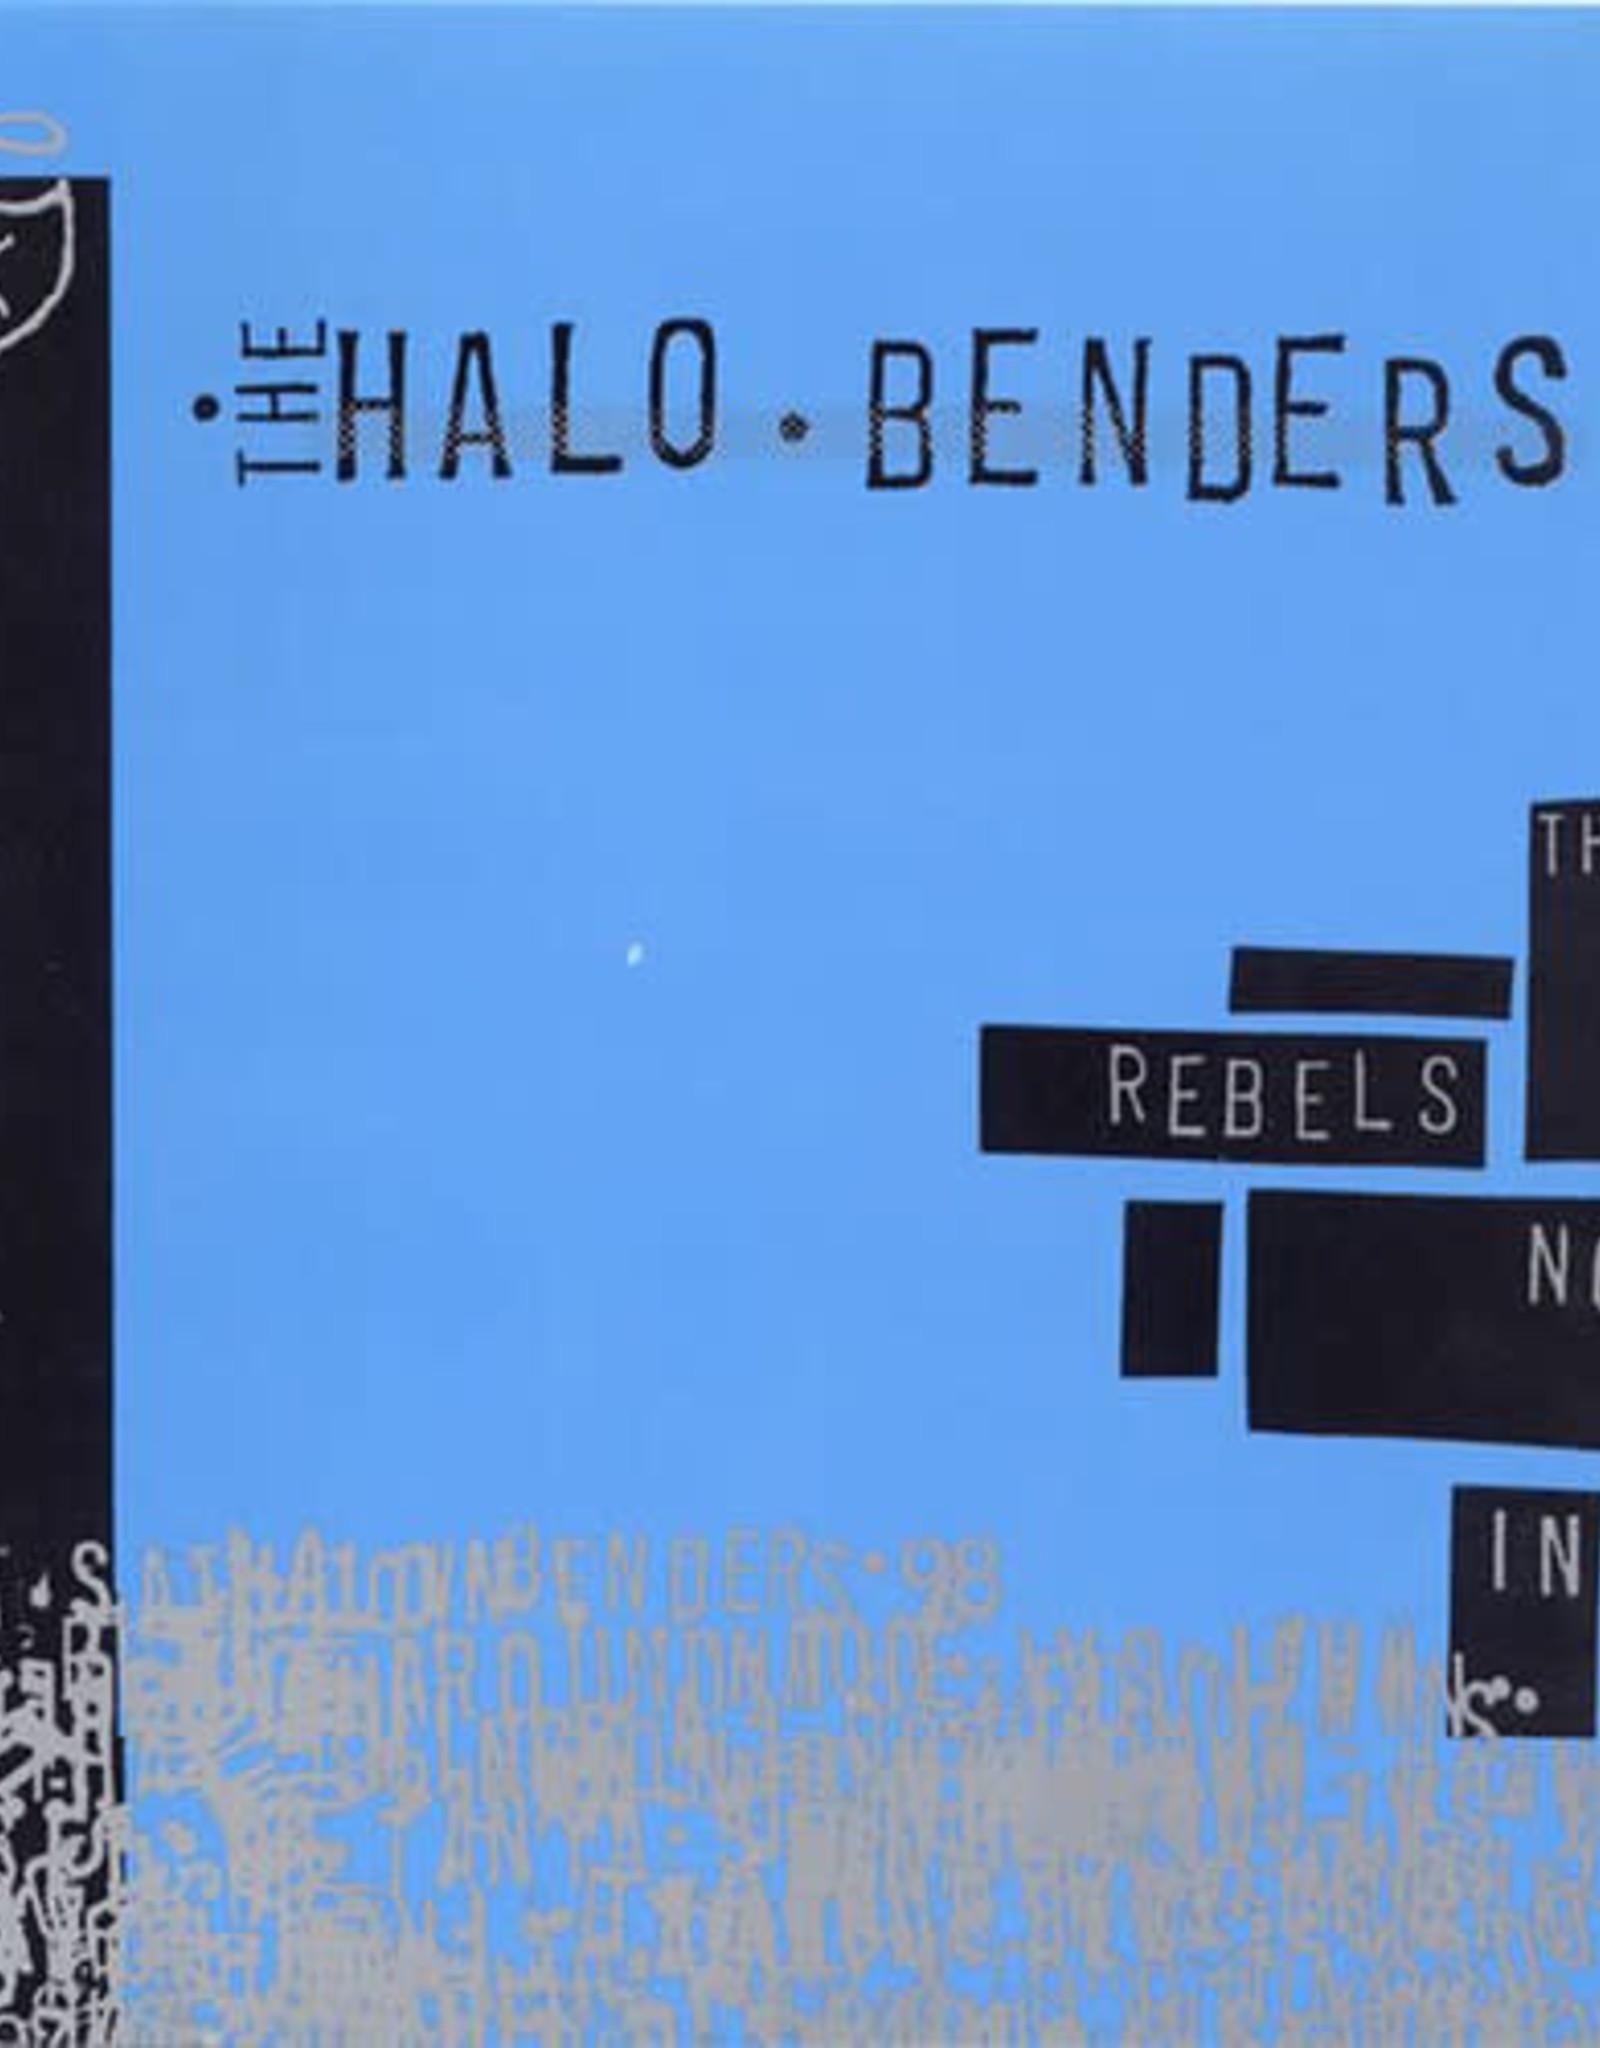 Halo Benders - Rebels Not in